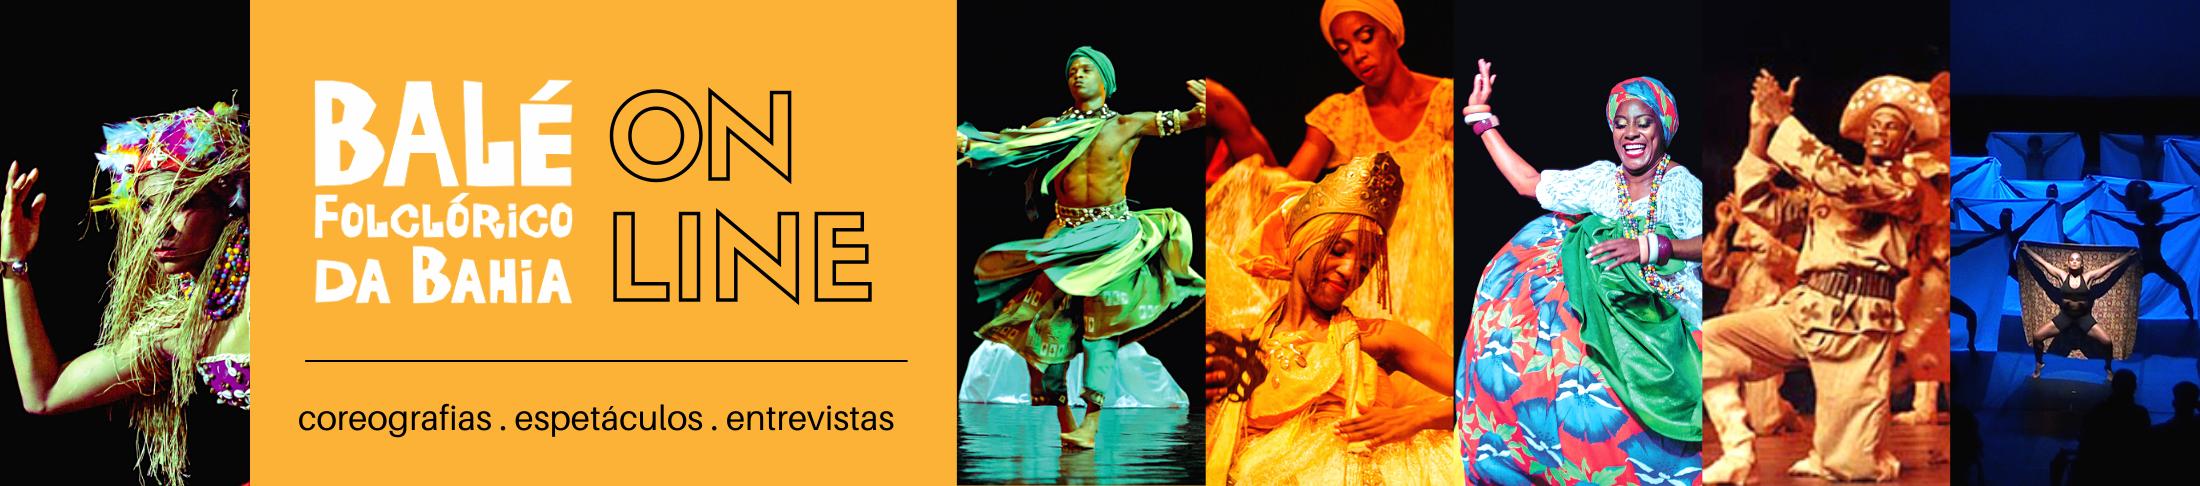 Contribua com o Balé Folclórico